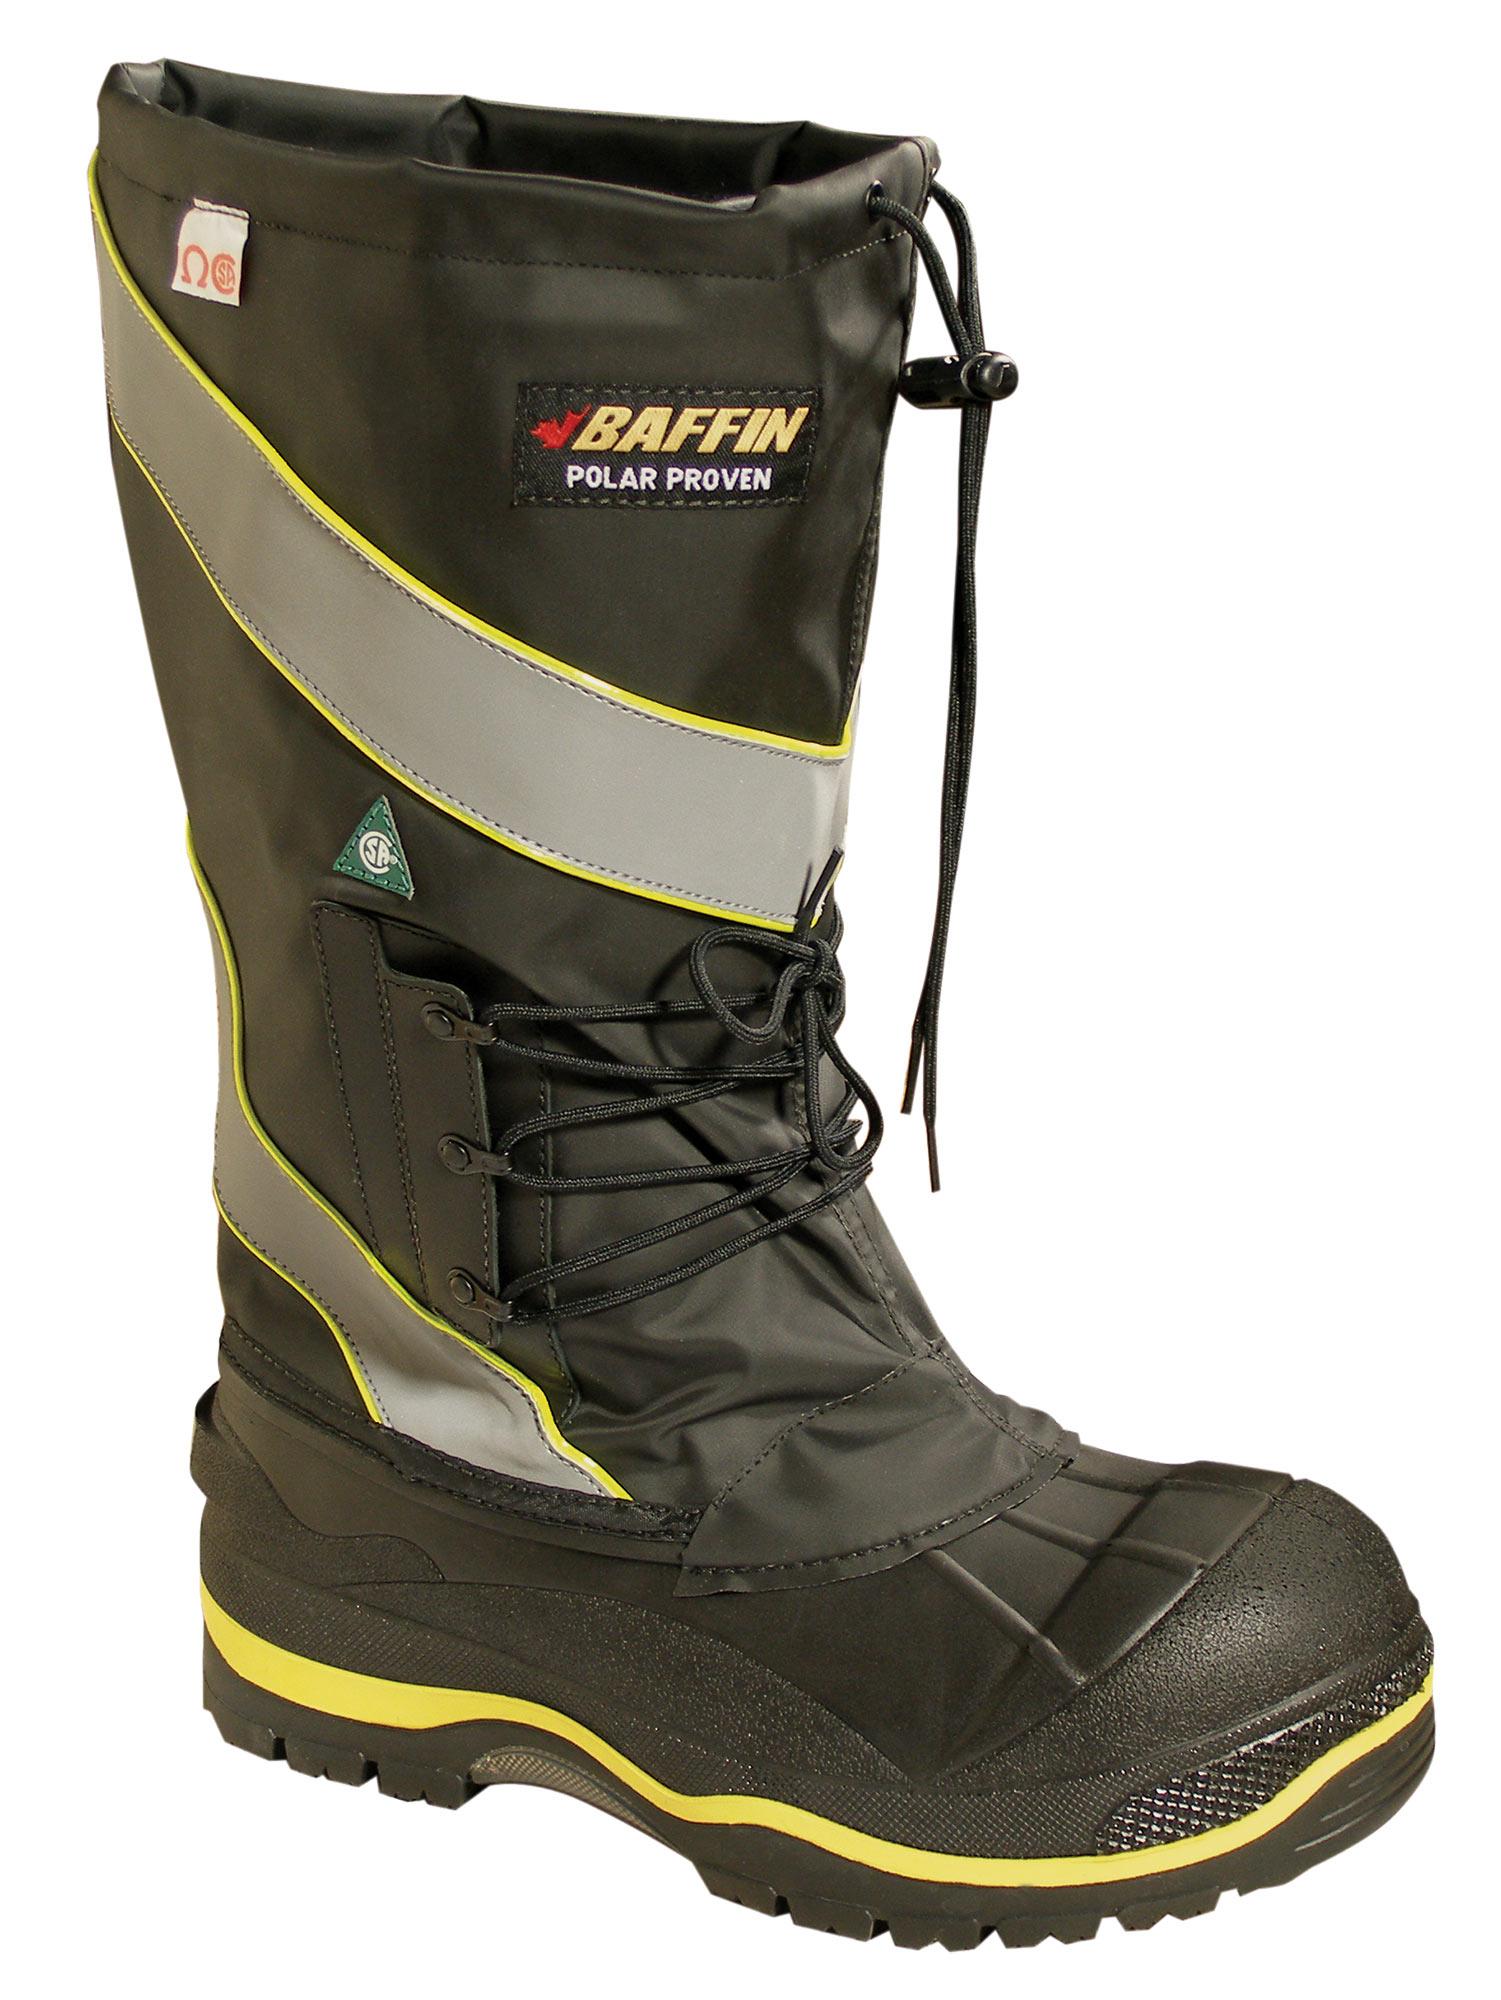 Baffin Derrick STP Work Boots - POLAMP02